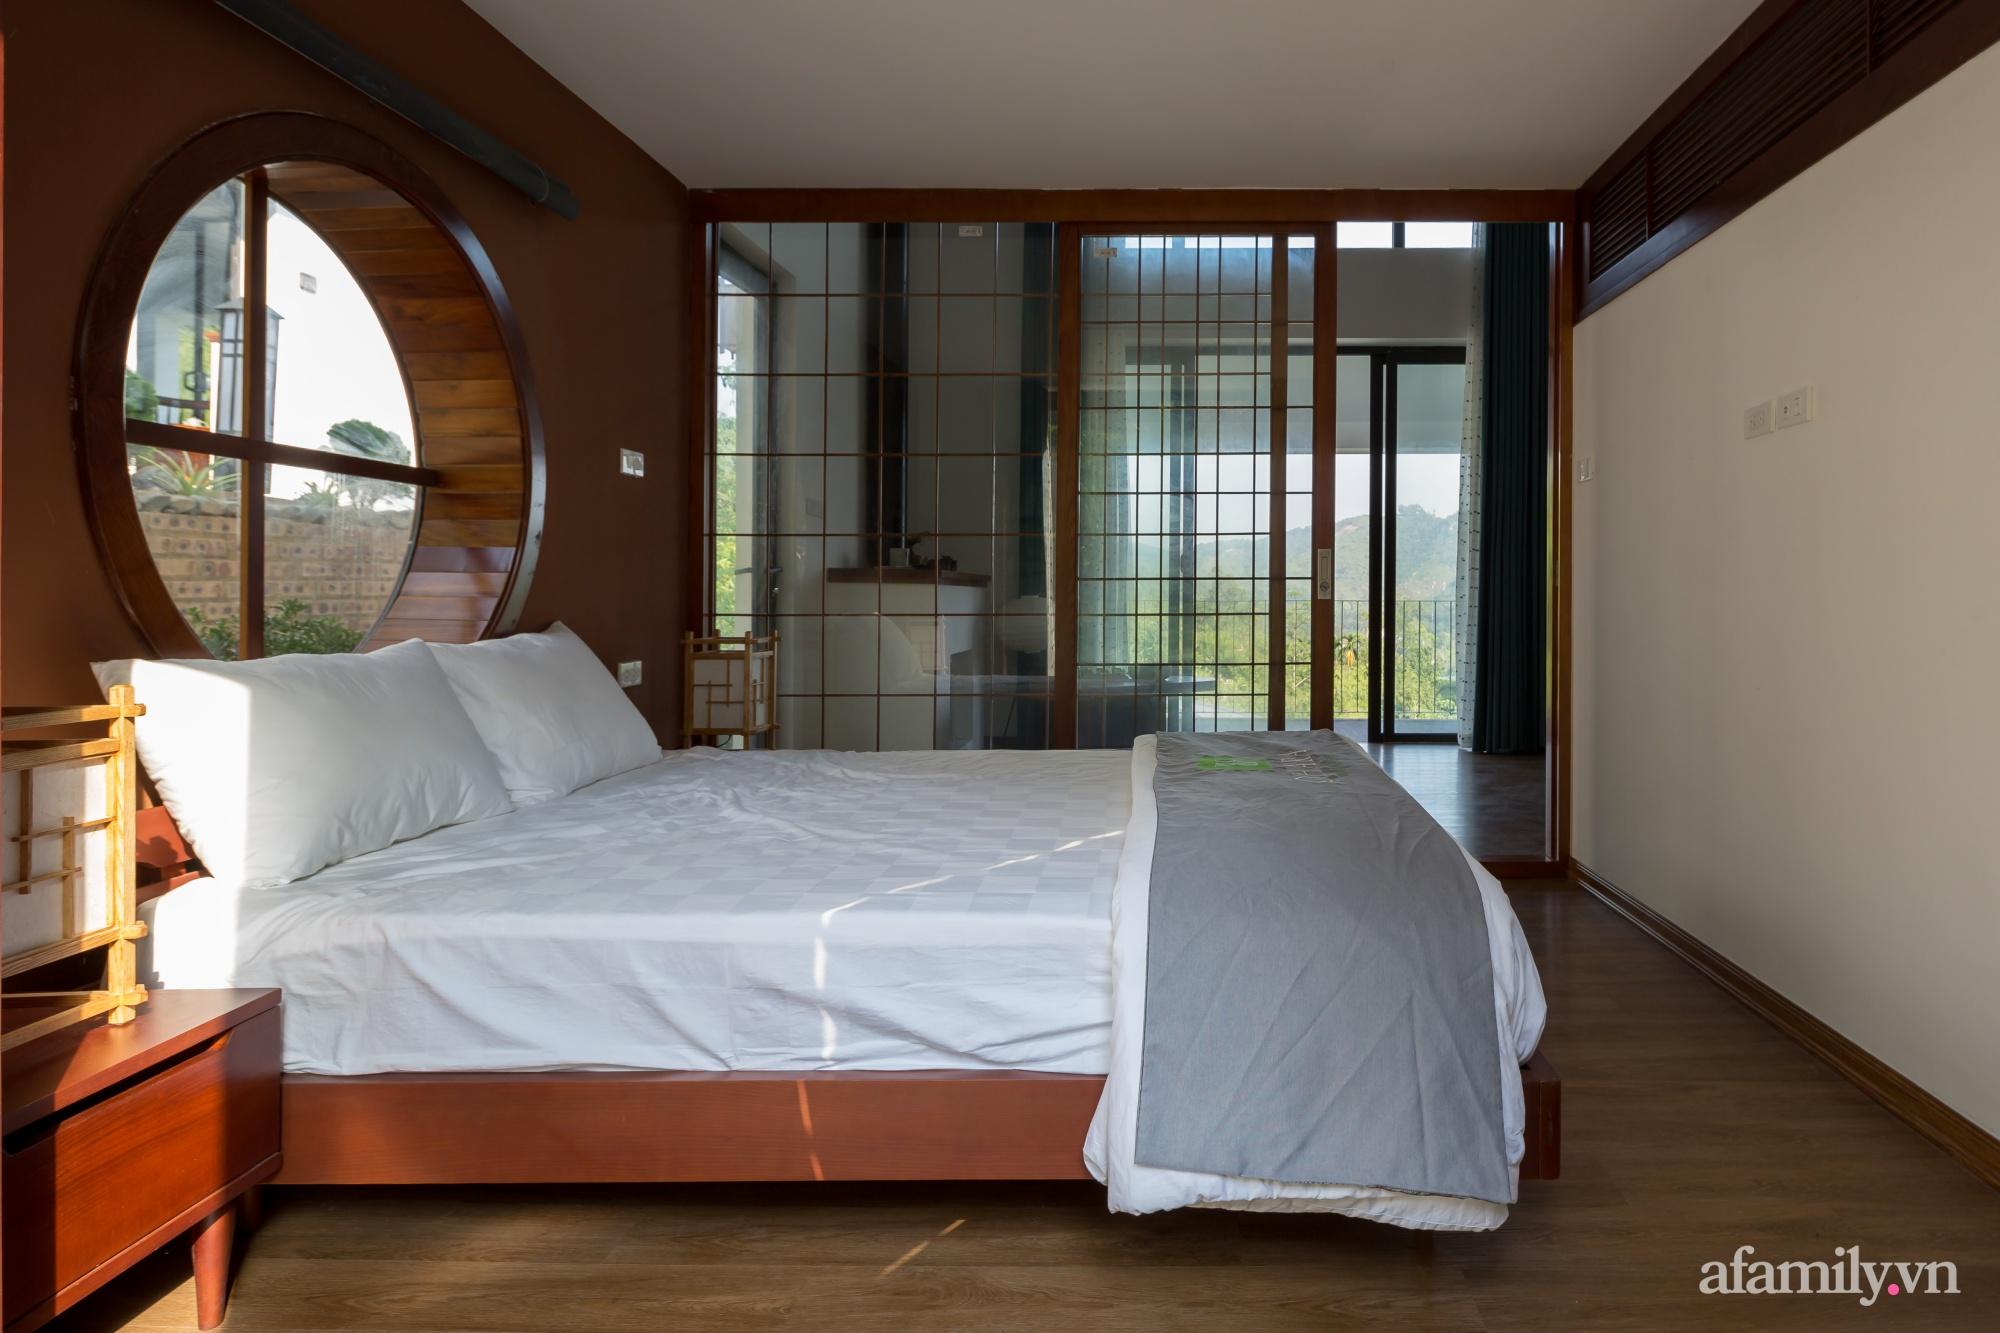 Nhà trên đồi lộng gió thoáng rộng thảnh thơi đón nắng ngập tràn ở Kỳ Sơn, Hòa Bình - Ảnh 17.